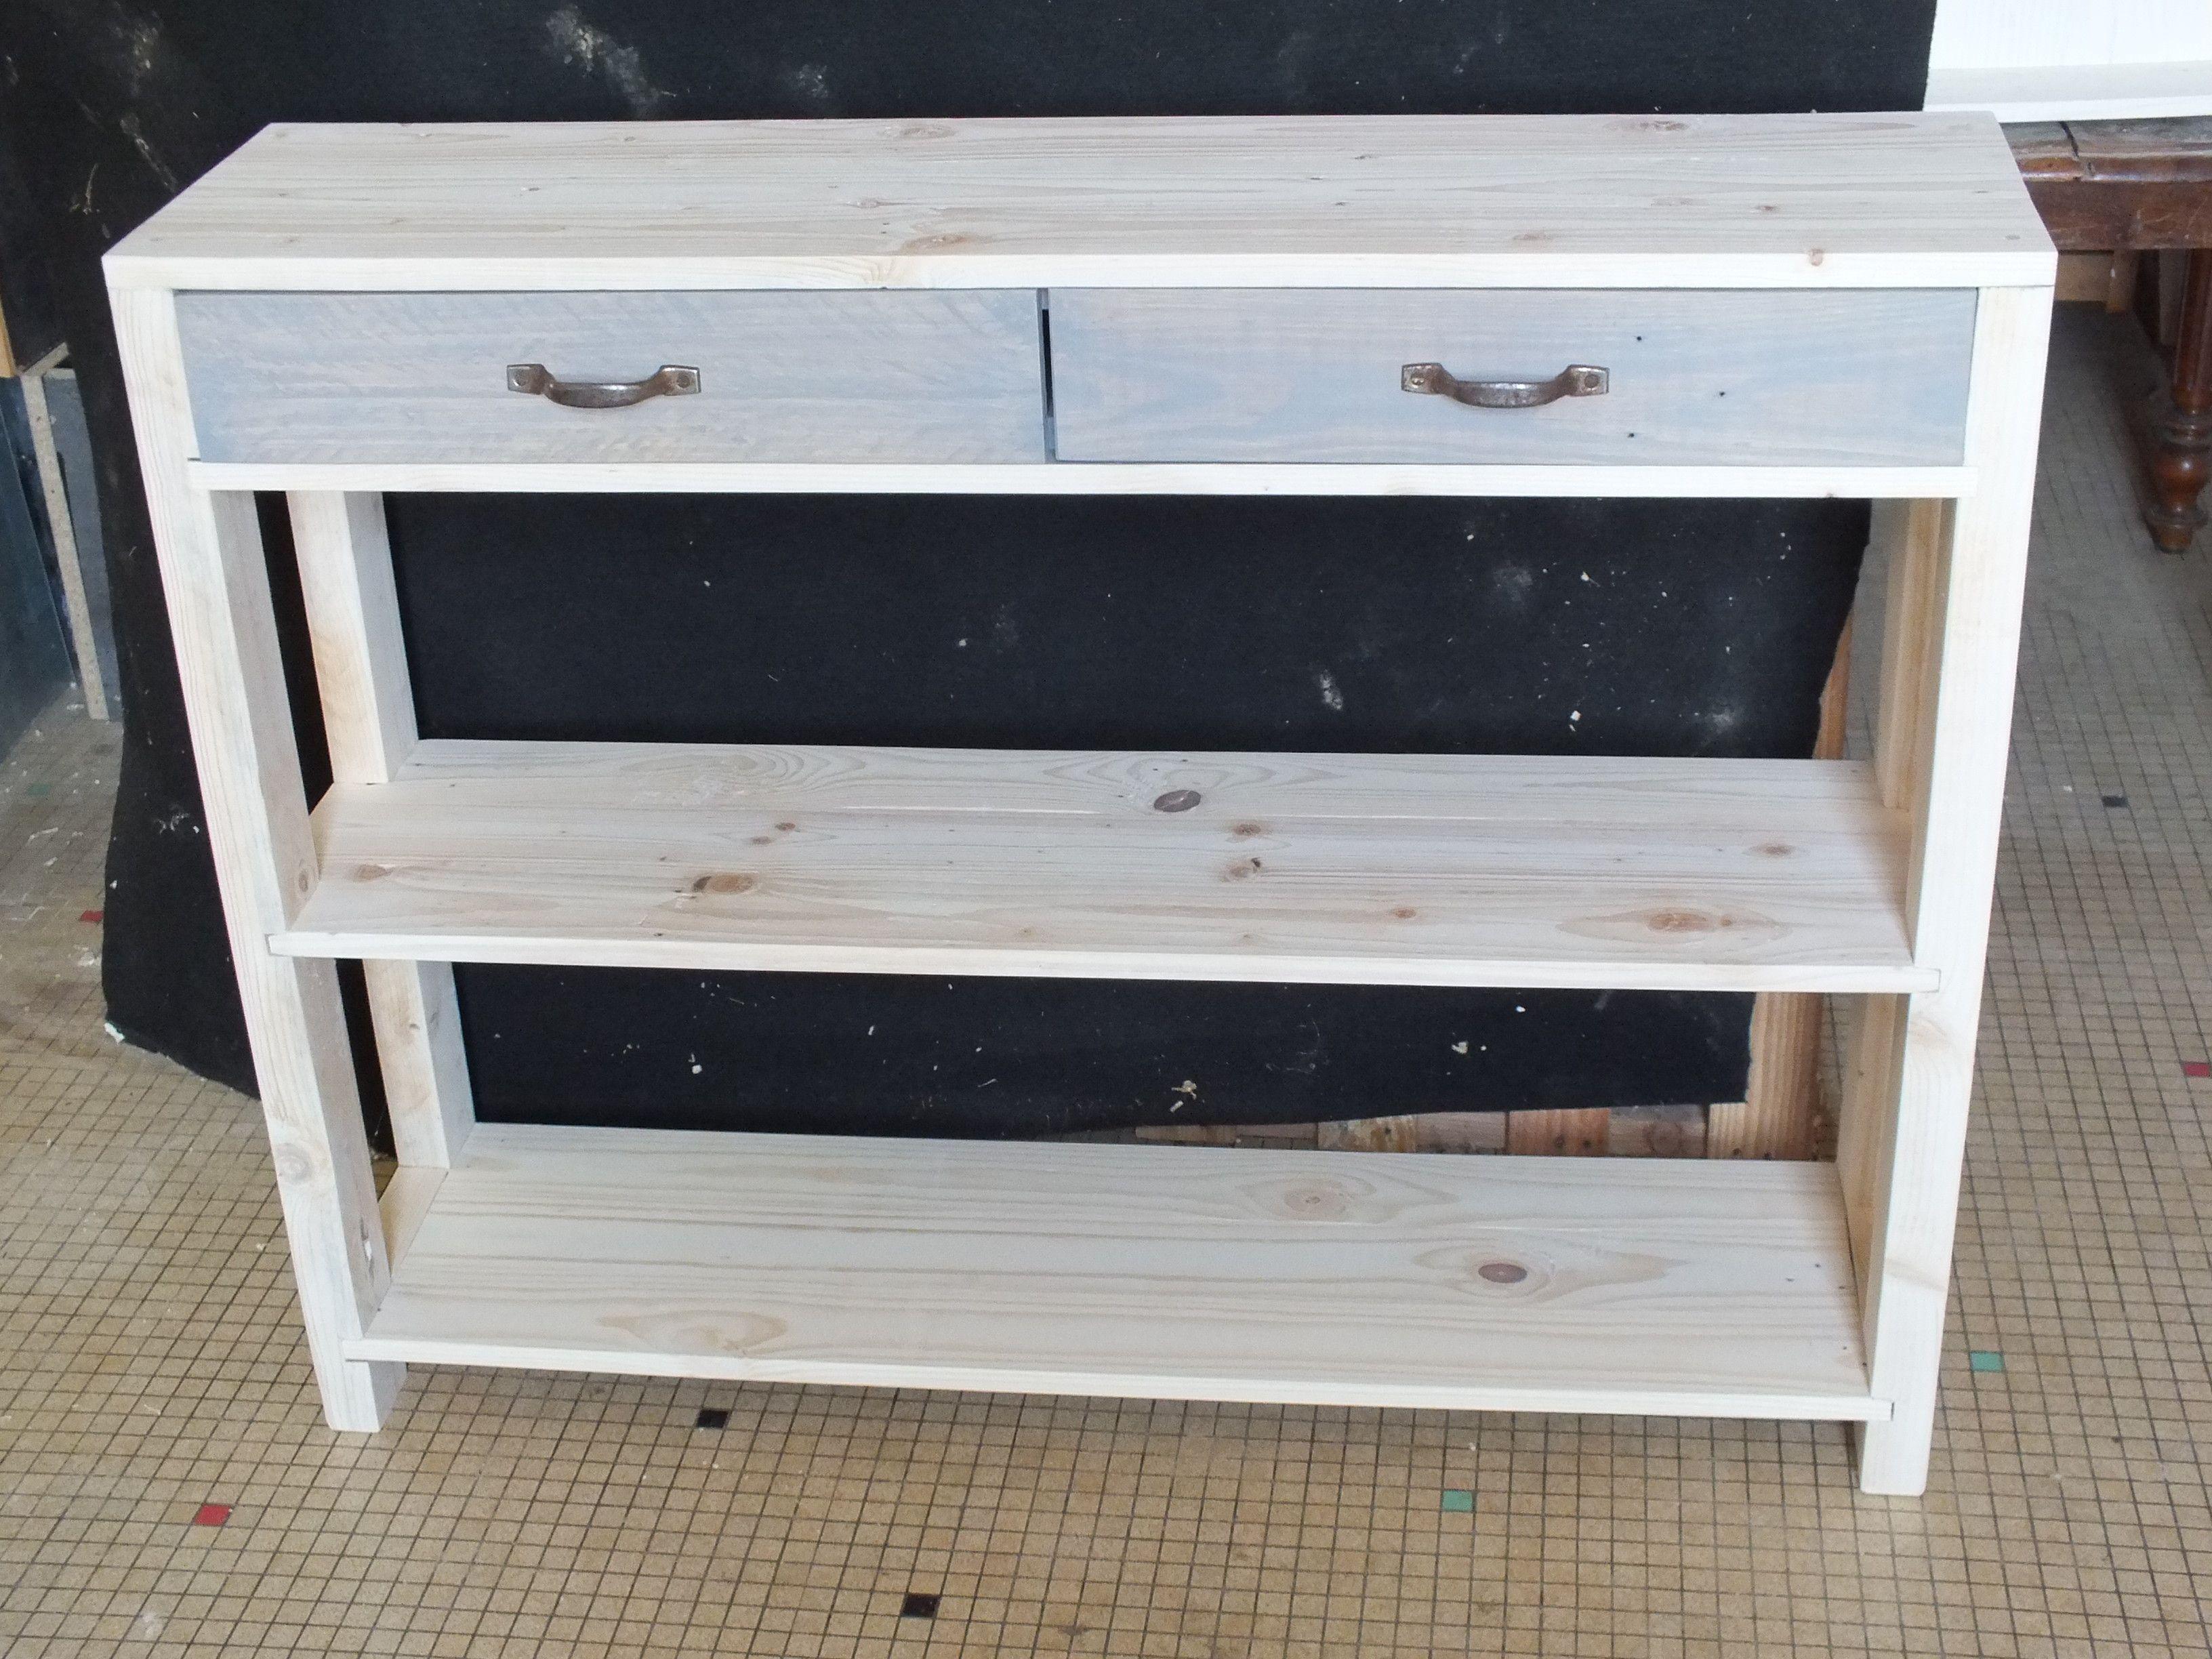 une console en bois de palette wooden pallet console console furniture wooden pallets and. Black Bedroom Furniture Sets. Home Design Ideas